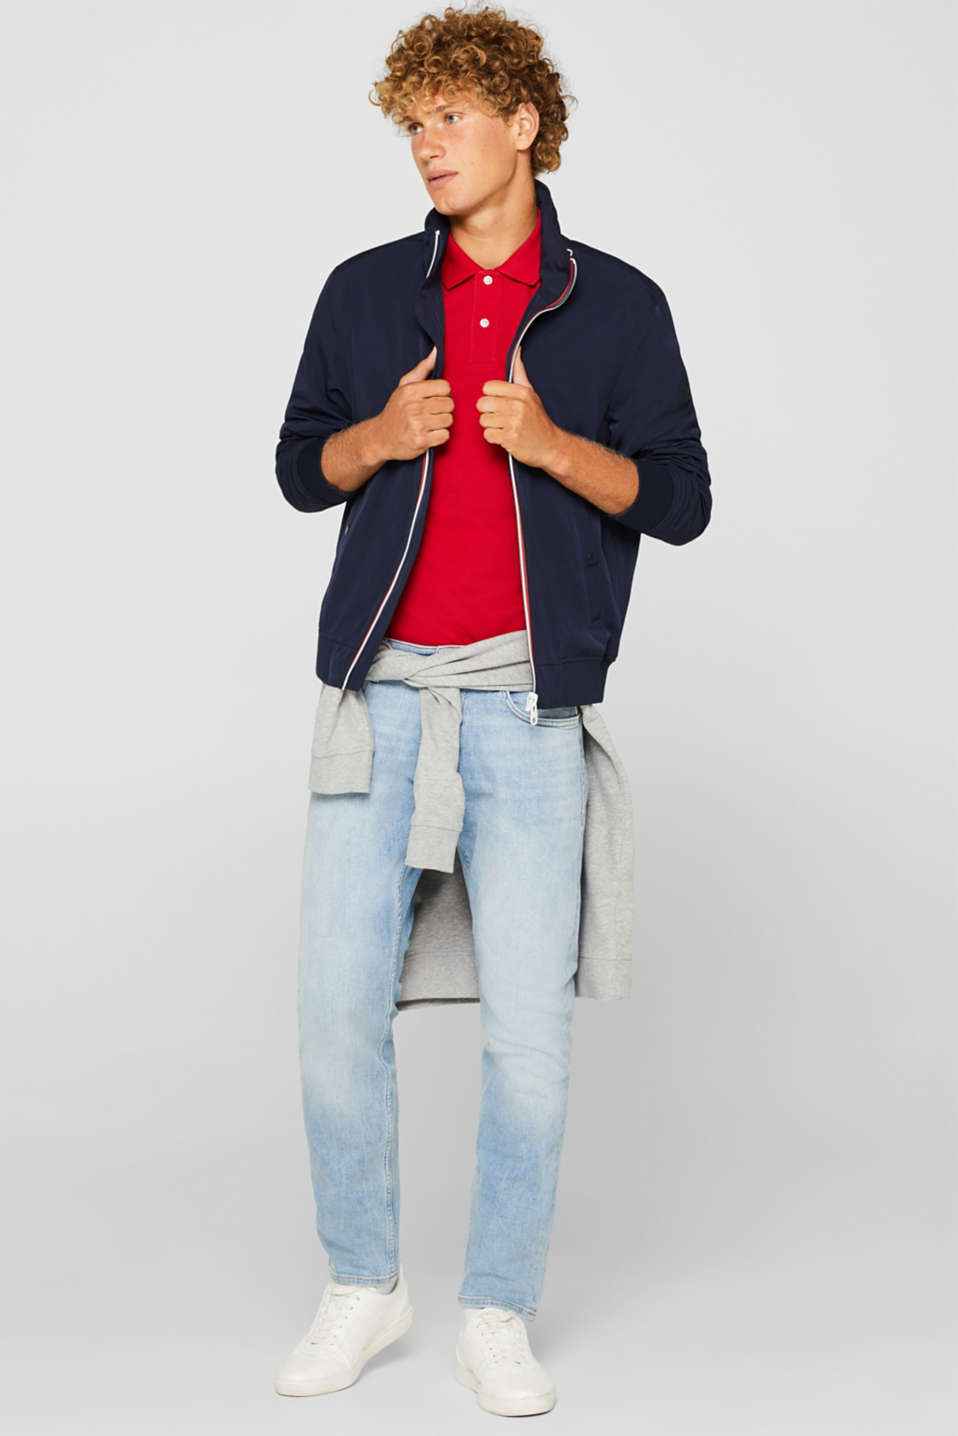 Pants denim Slim fit, BLUE LIGHT WASH, detail image number 2